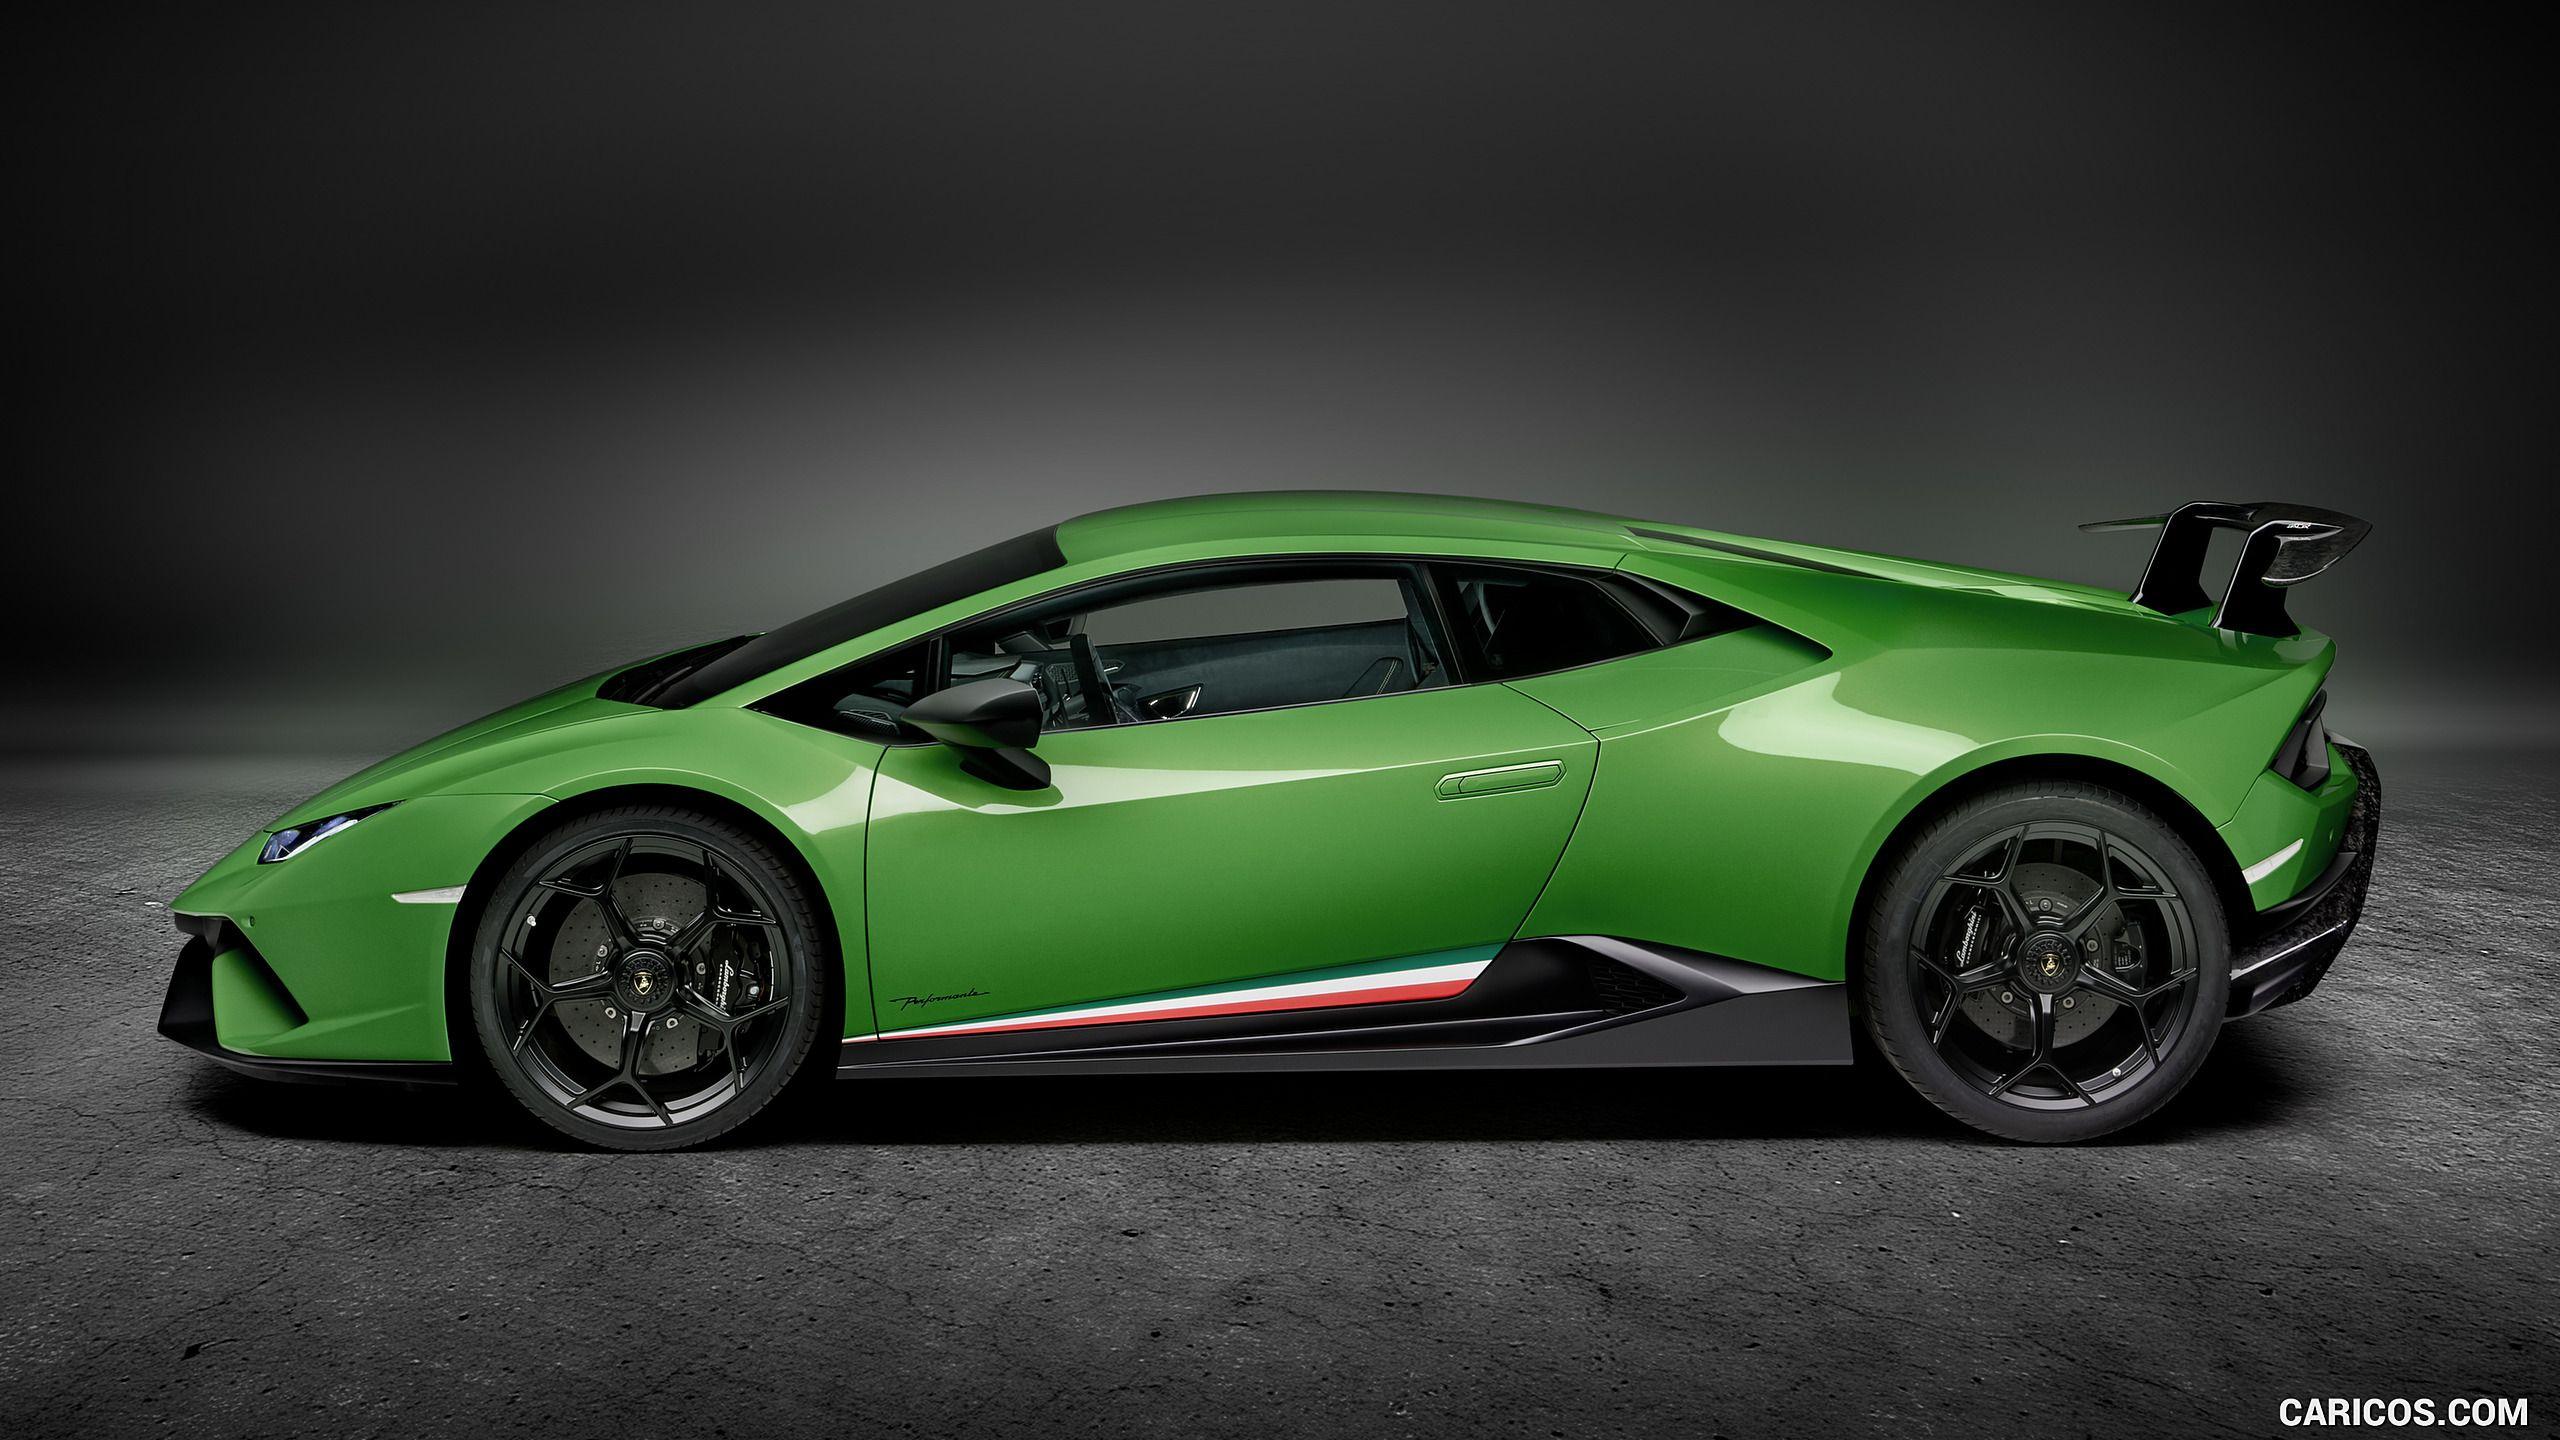 ff94018fdb5b204ed52fe1f885bf4e4e Marvelous Lamborghini Huracan Hack asphalt 8 Cars Trend